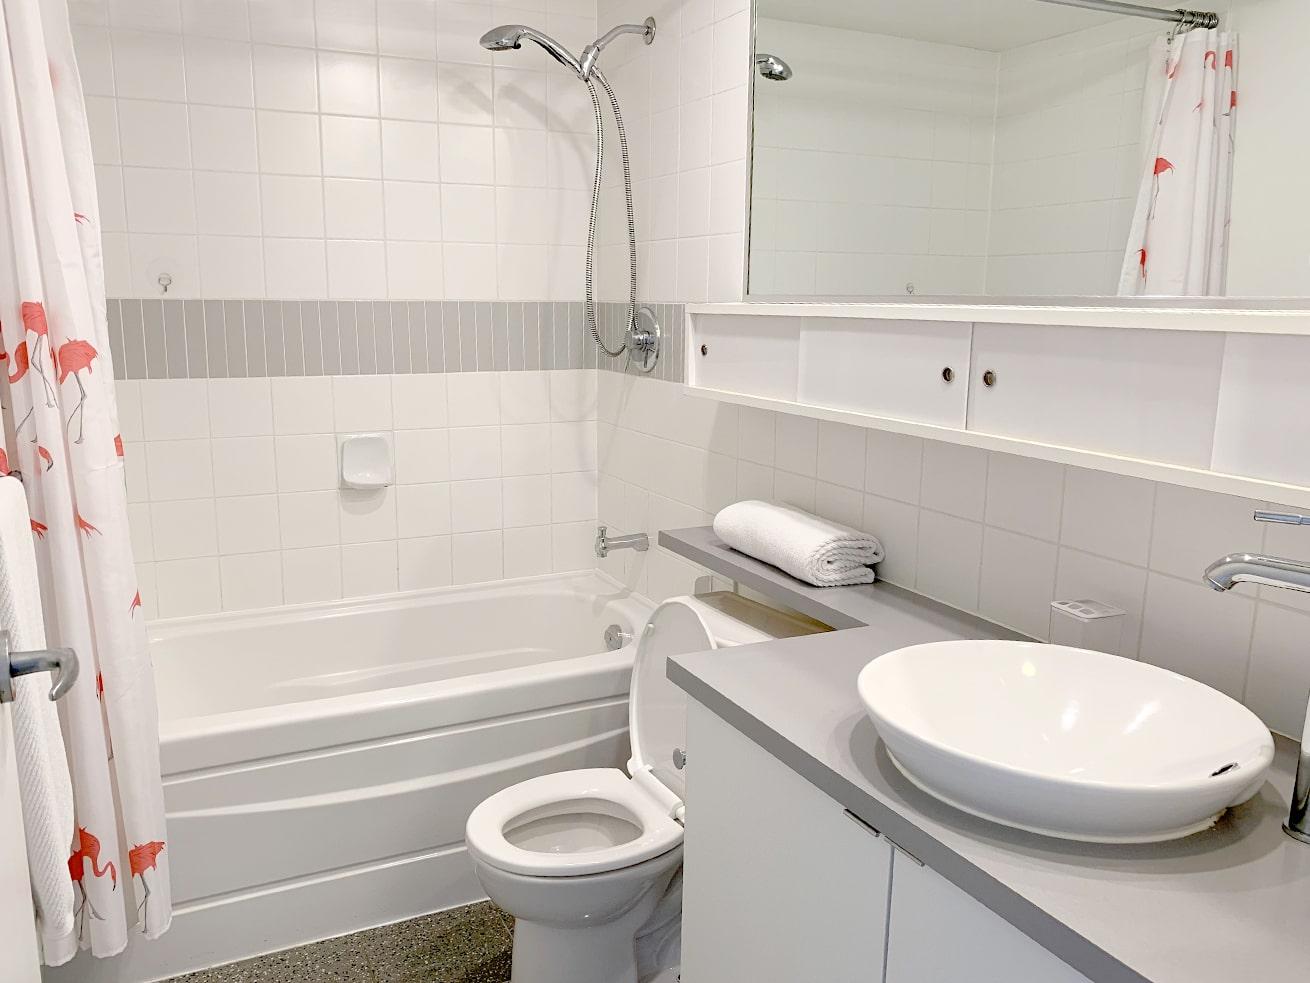 Vancouver apartment rentals max studio den bathroom